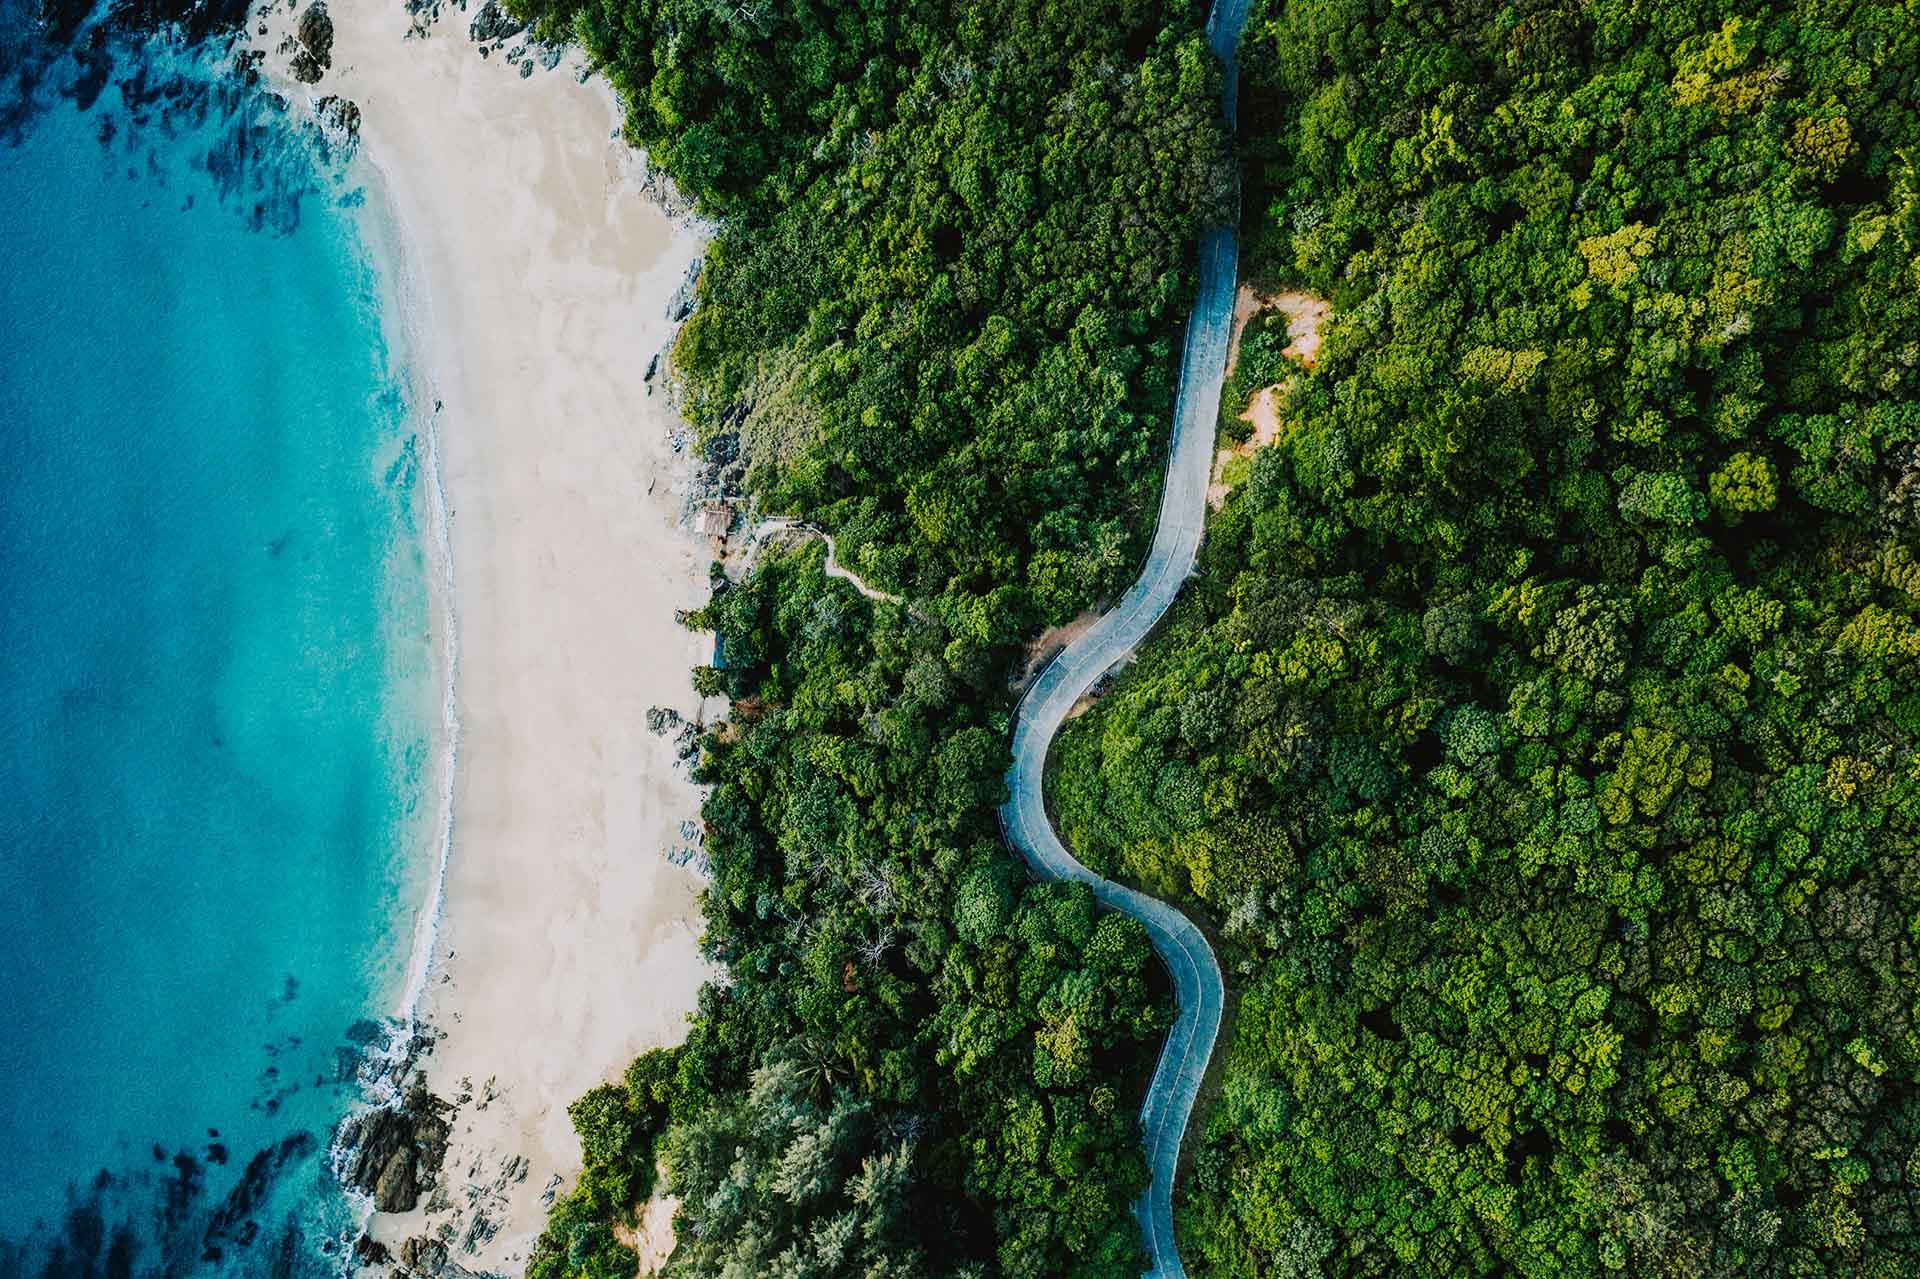 Koh Lanta es una de las islas más bellas de Tailandia, ubicada frente a la costa de Krabi. Su larga costa tiene casi una docena de playas, algunas consideradas las mejores del país, cada una con su propio encanto